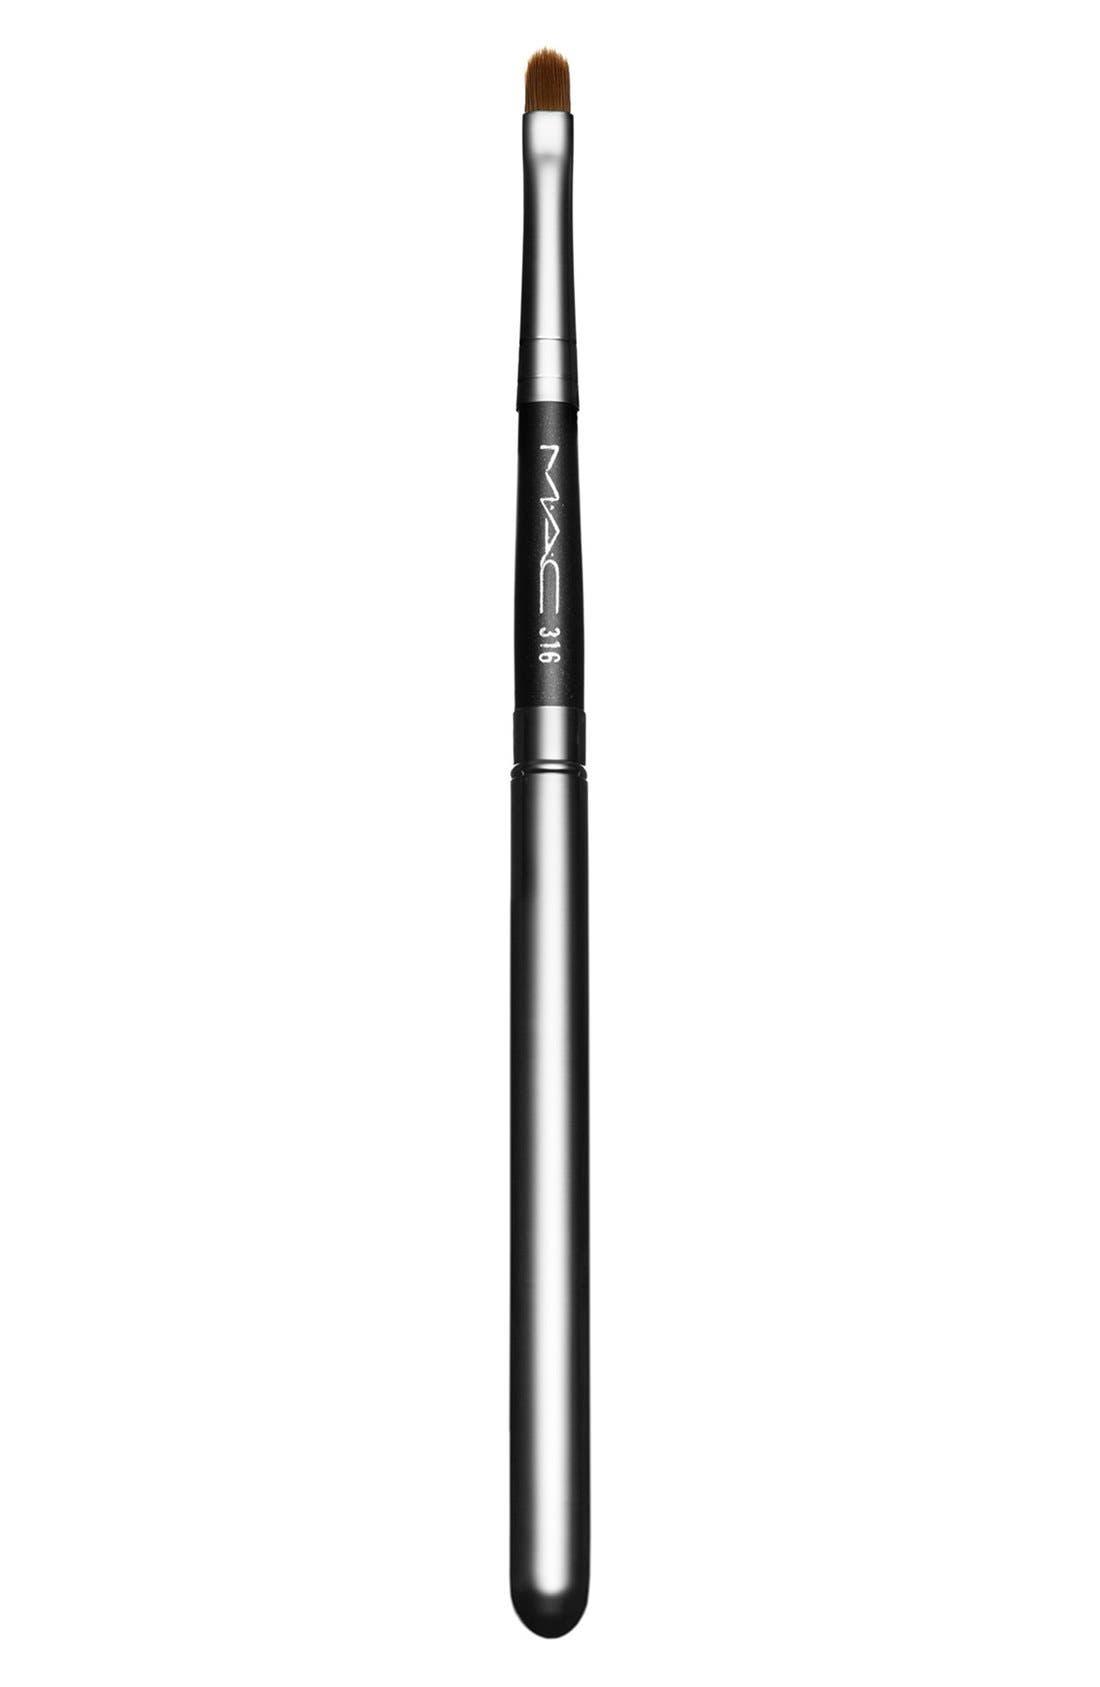 MAC 316 Lip Brush,                             Main thumbnail 1, color,                             000